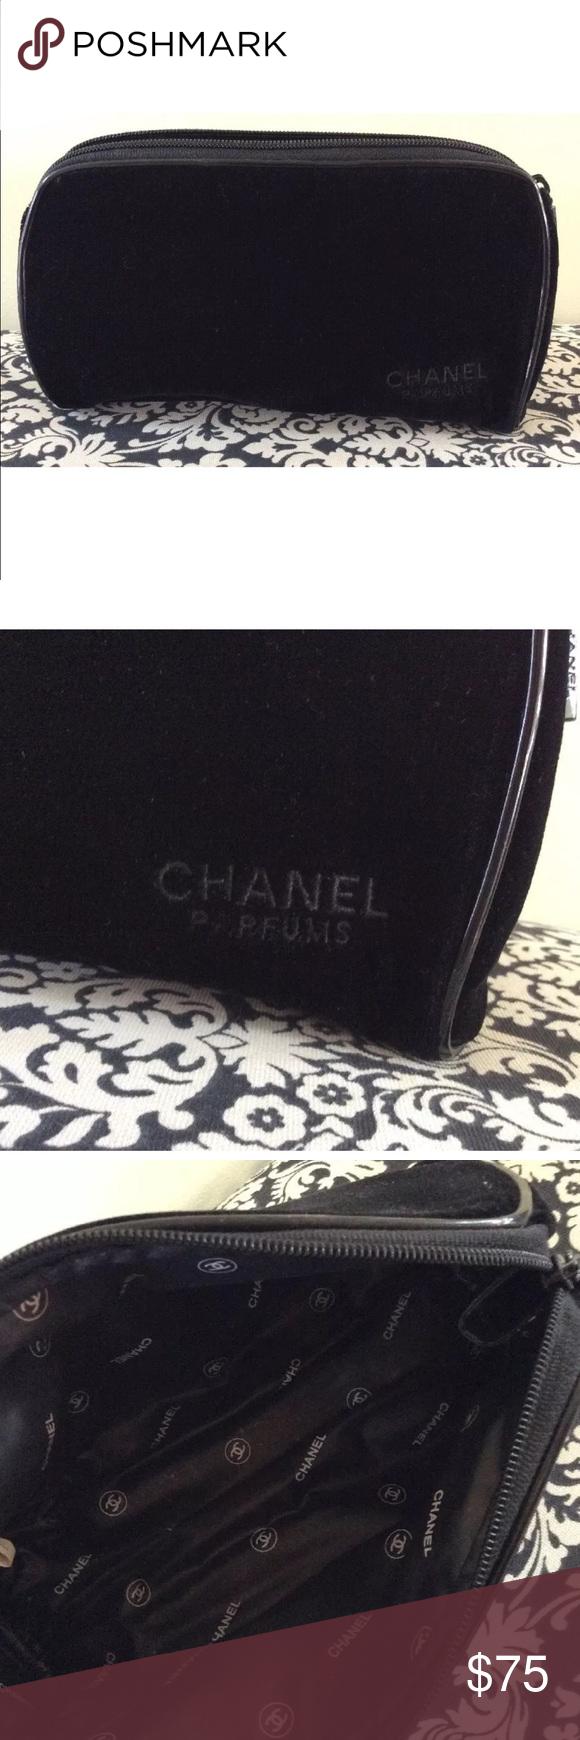 Chanel velvet make up bag Makeup bag, Chanel, Chanel bag